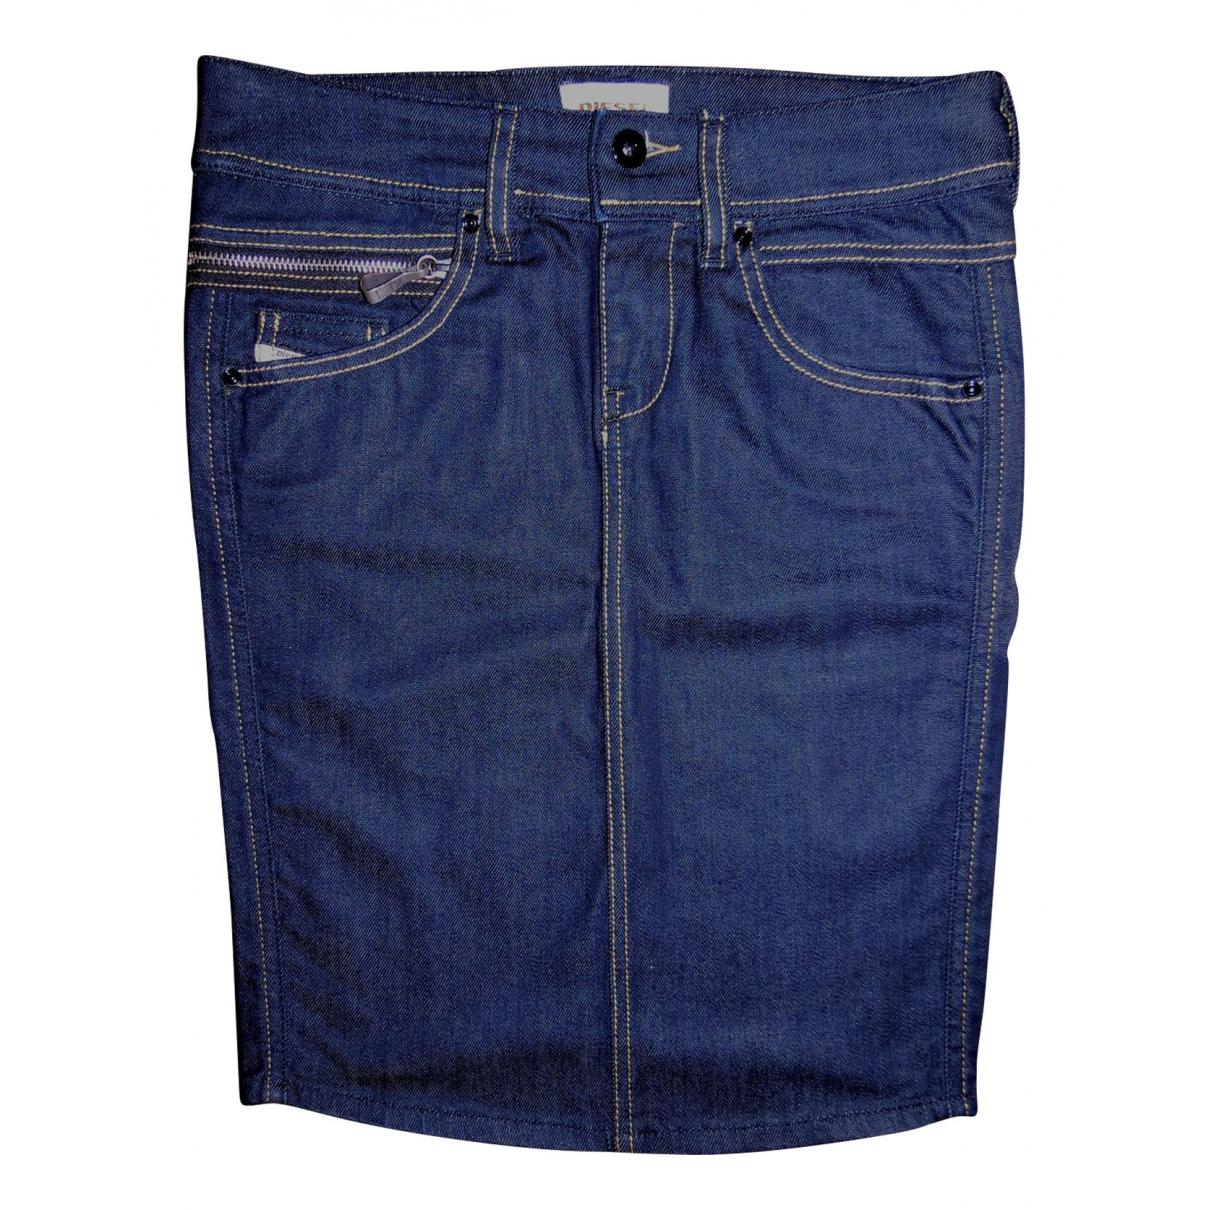 Diesel \N Blue Denim - Jeans skirt for Women 38 IT